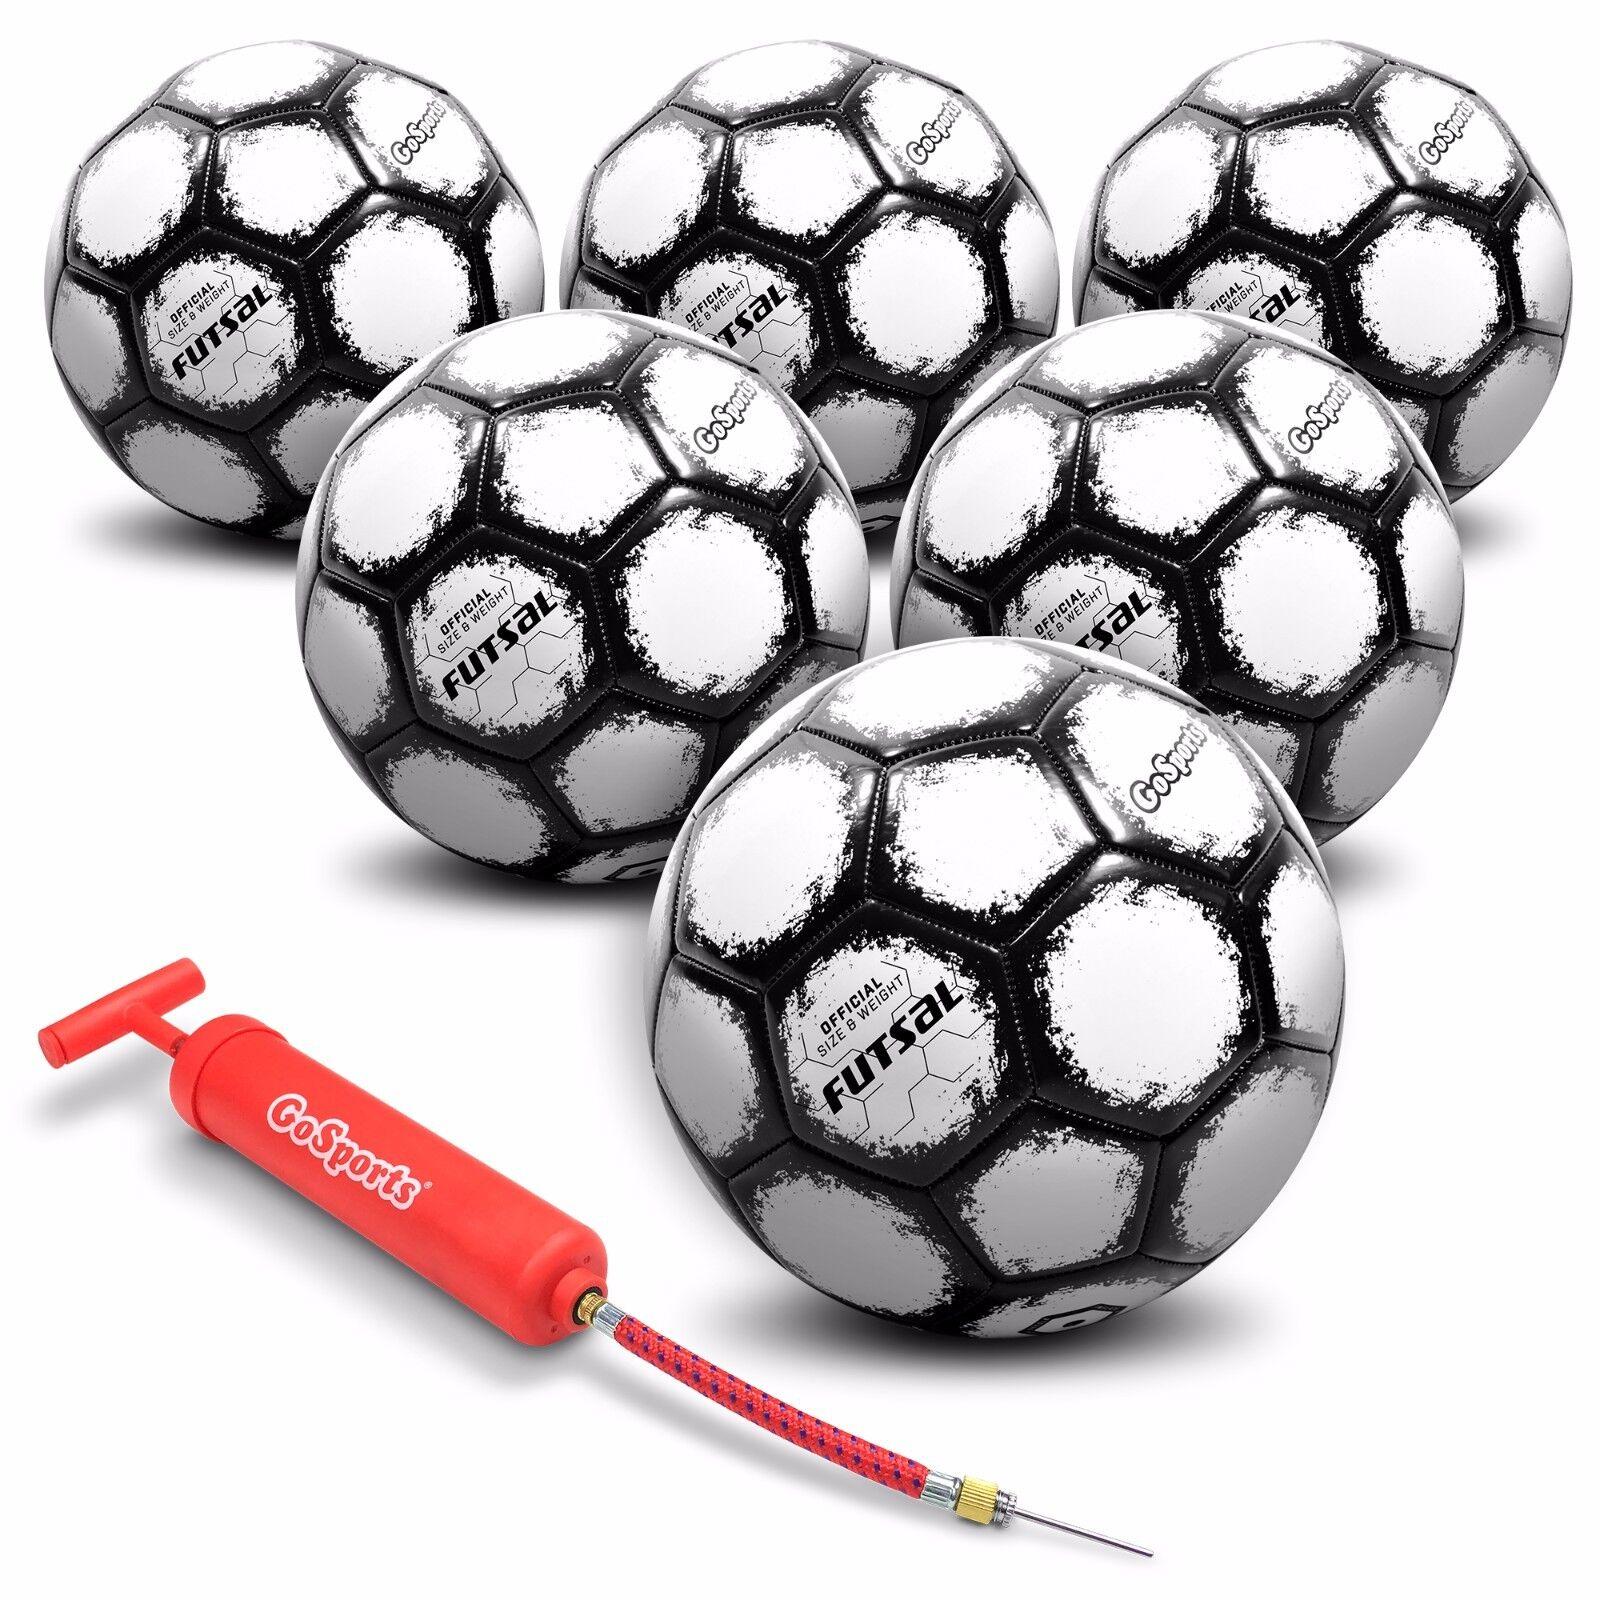 Balón De Futsal gosports  paquete de seis  Reglamento Tamaño Peso, bomba + Bolsa De Malla Incluido